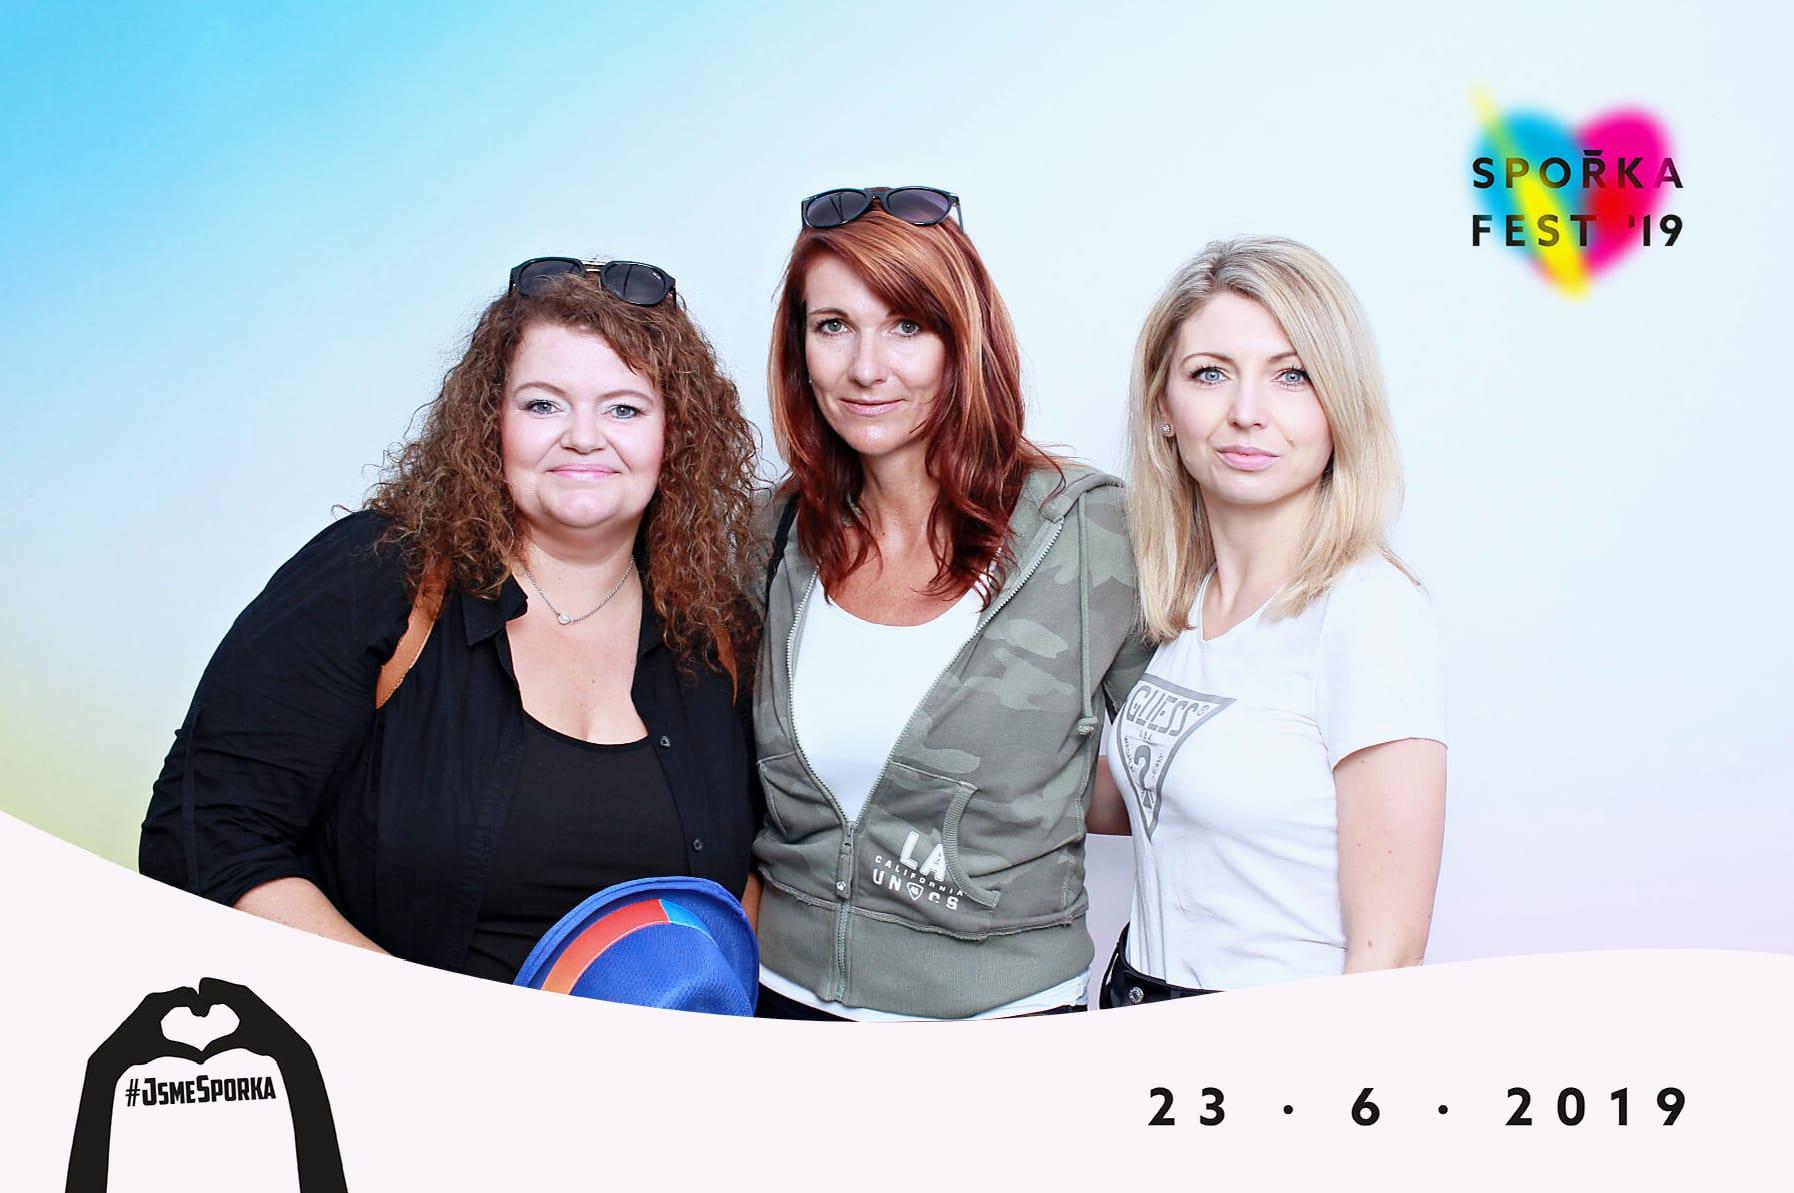 fotokoutek-festival-praha-sporka-fest-3-23-6-2019-633474